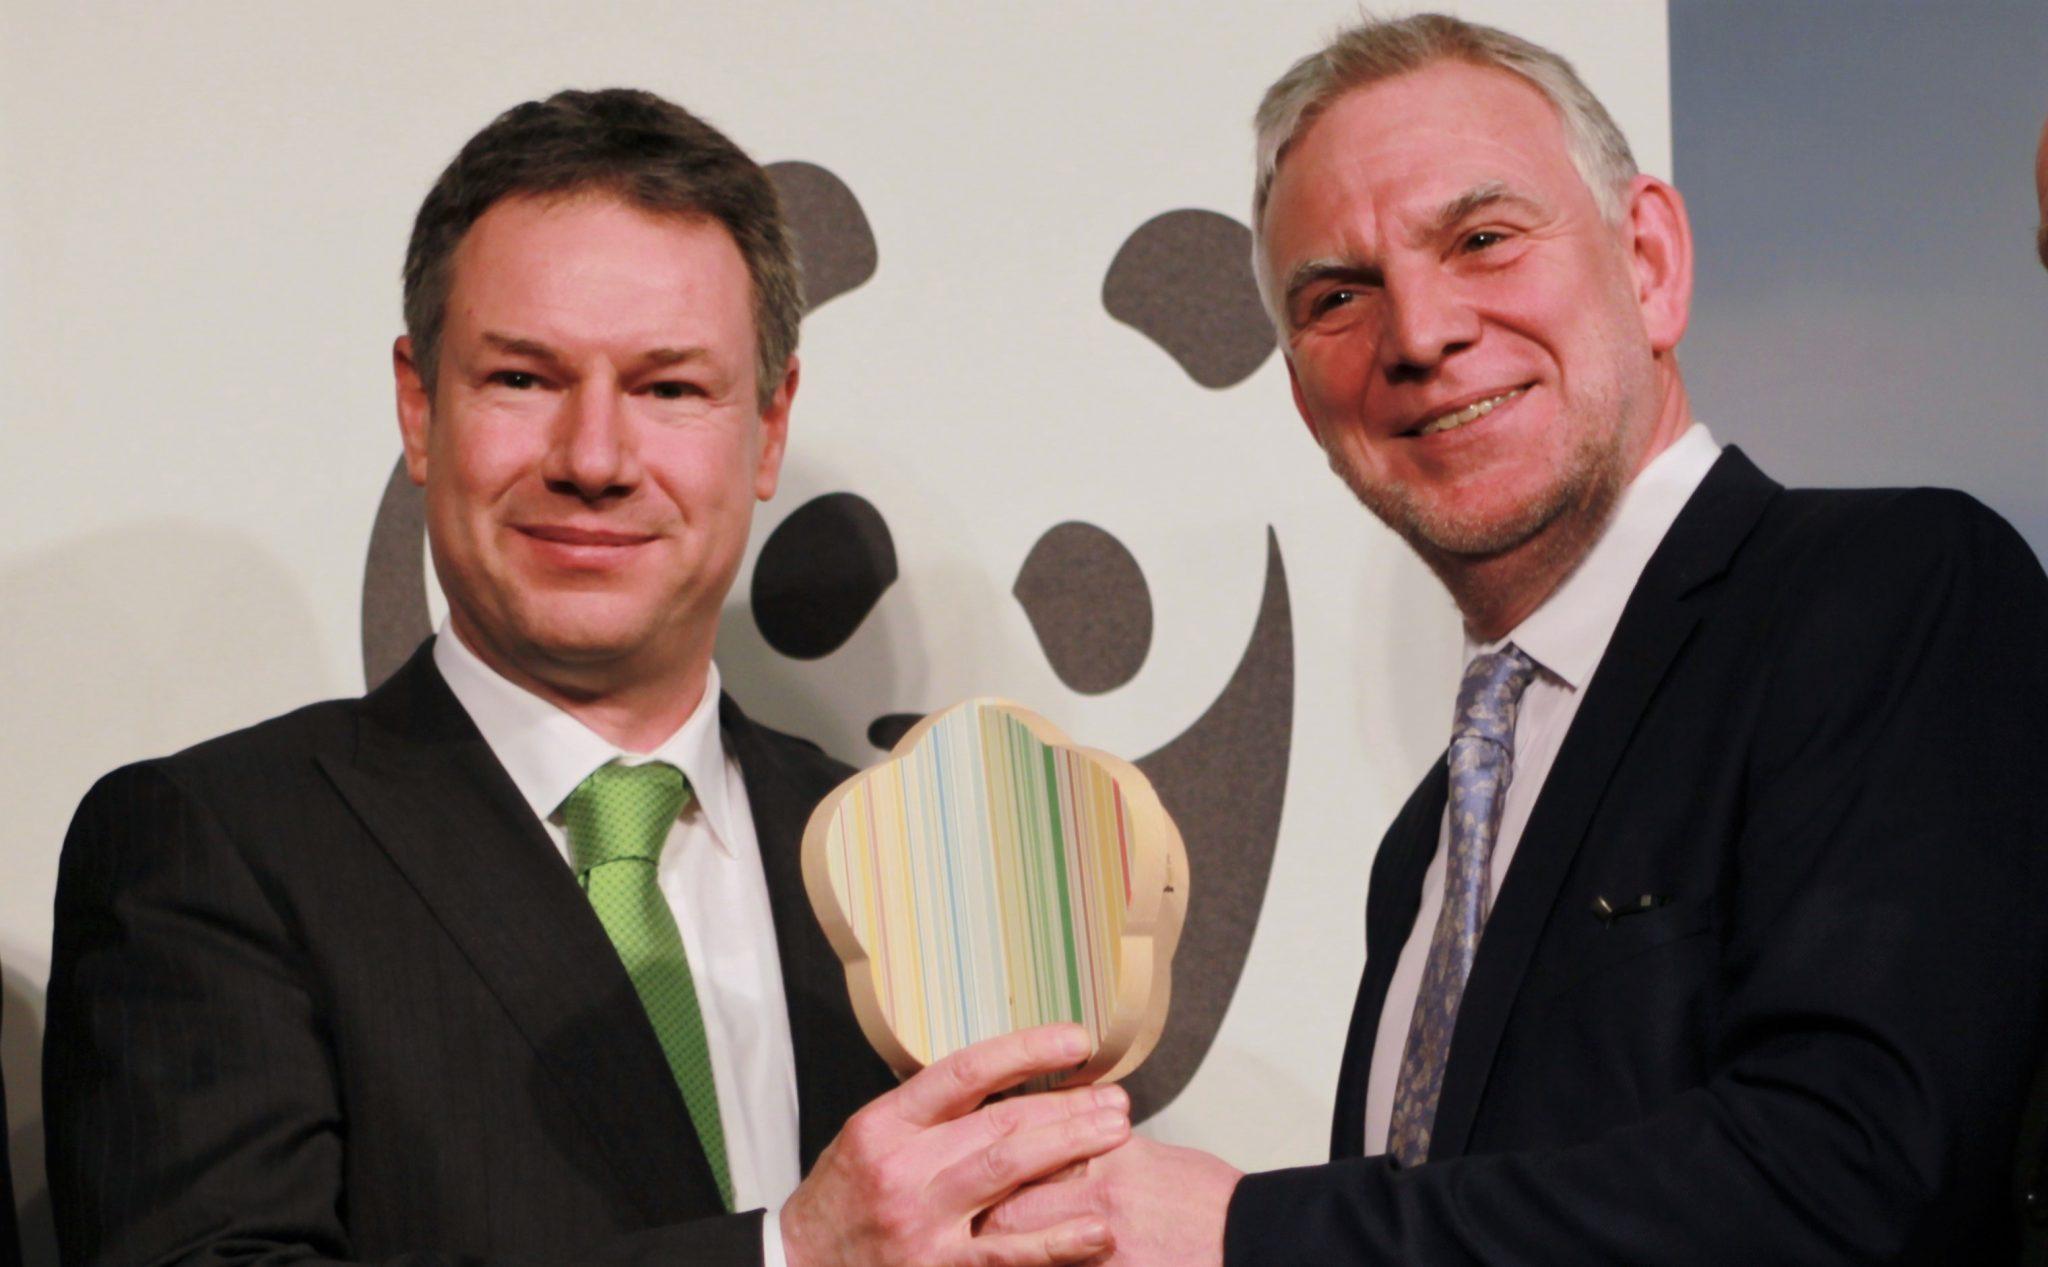 Christoph Heinrich vom WWF und Staatssekretär Jochen Flasbarth bei der Preisverleihung